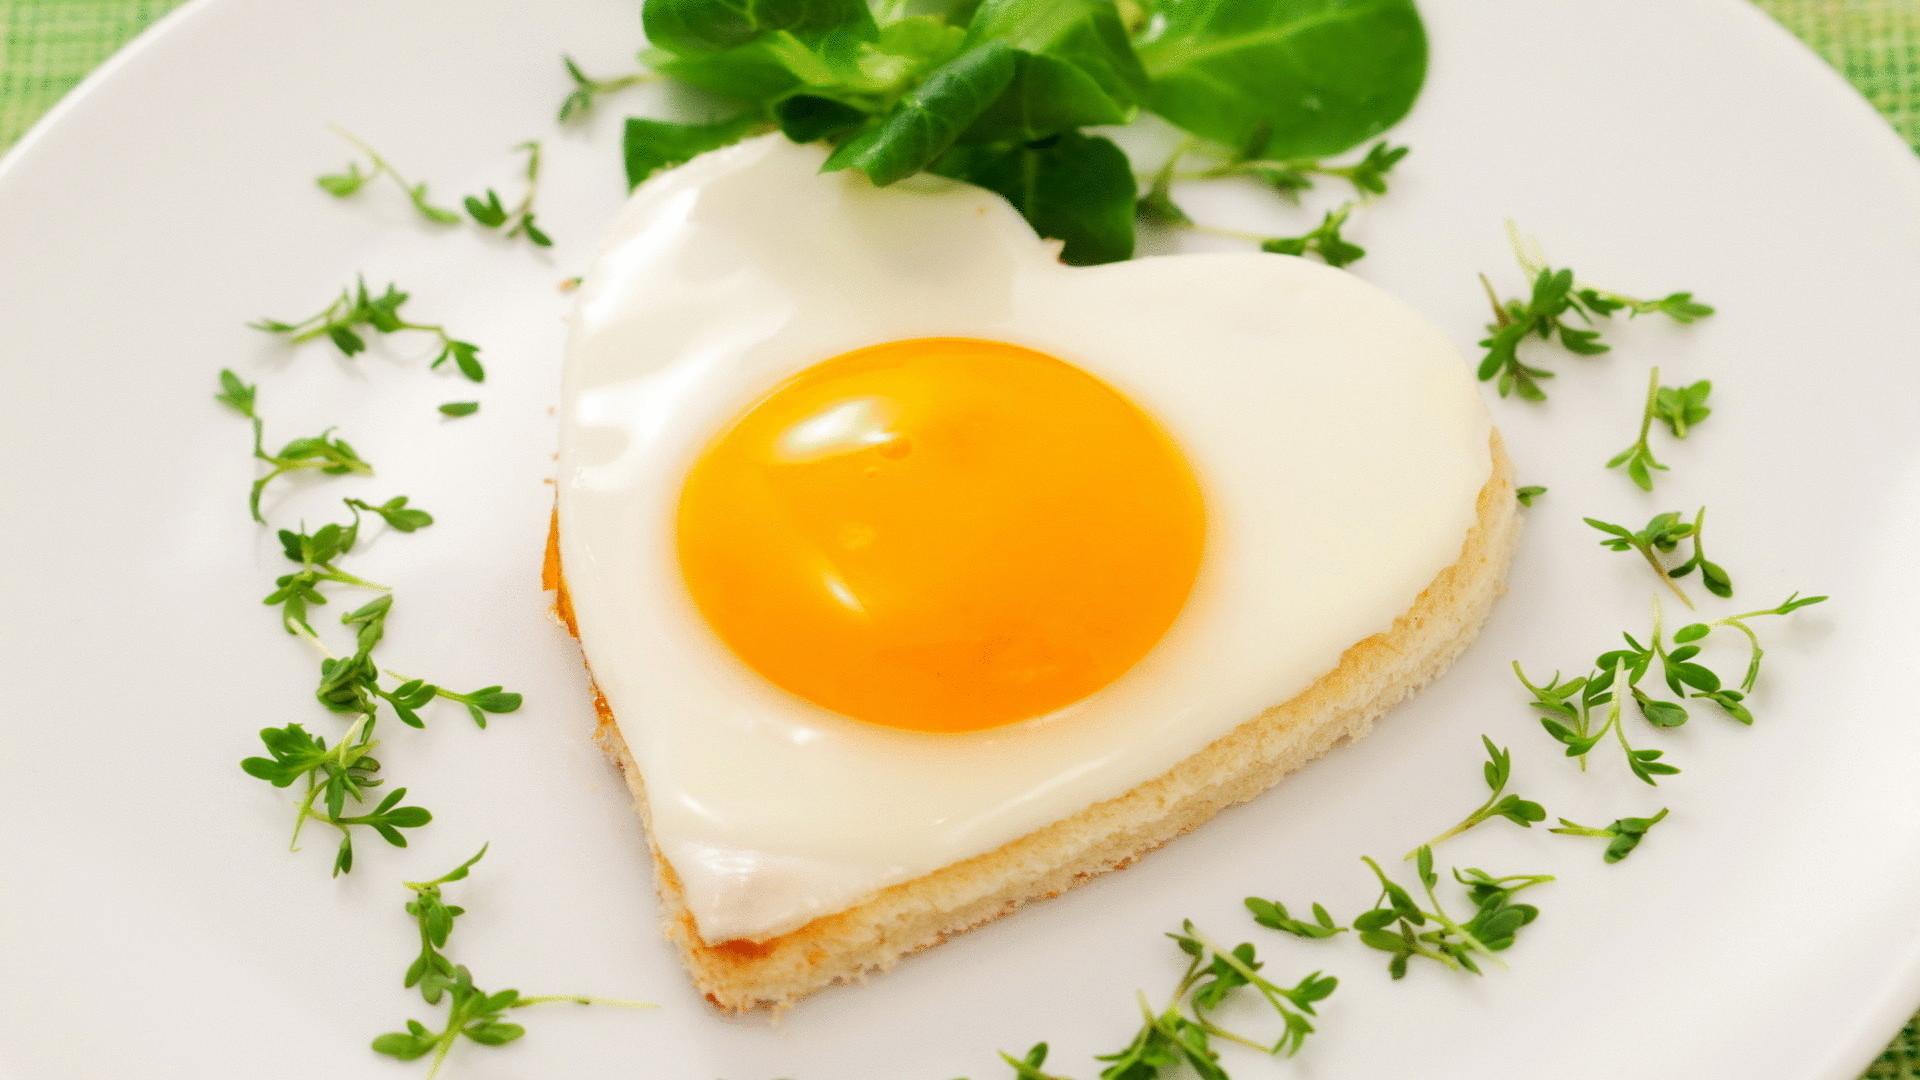 как можно понизить холестерин в крови побыстрее